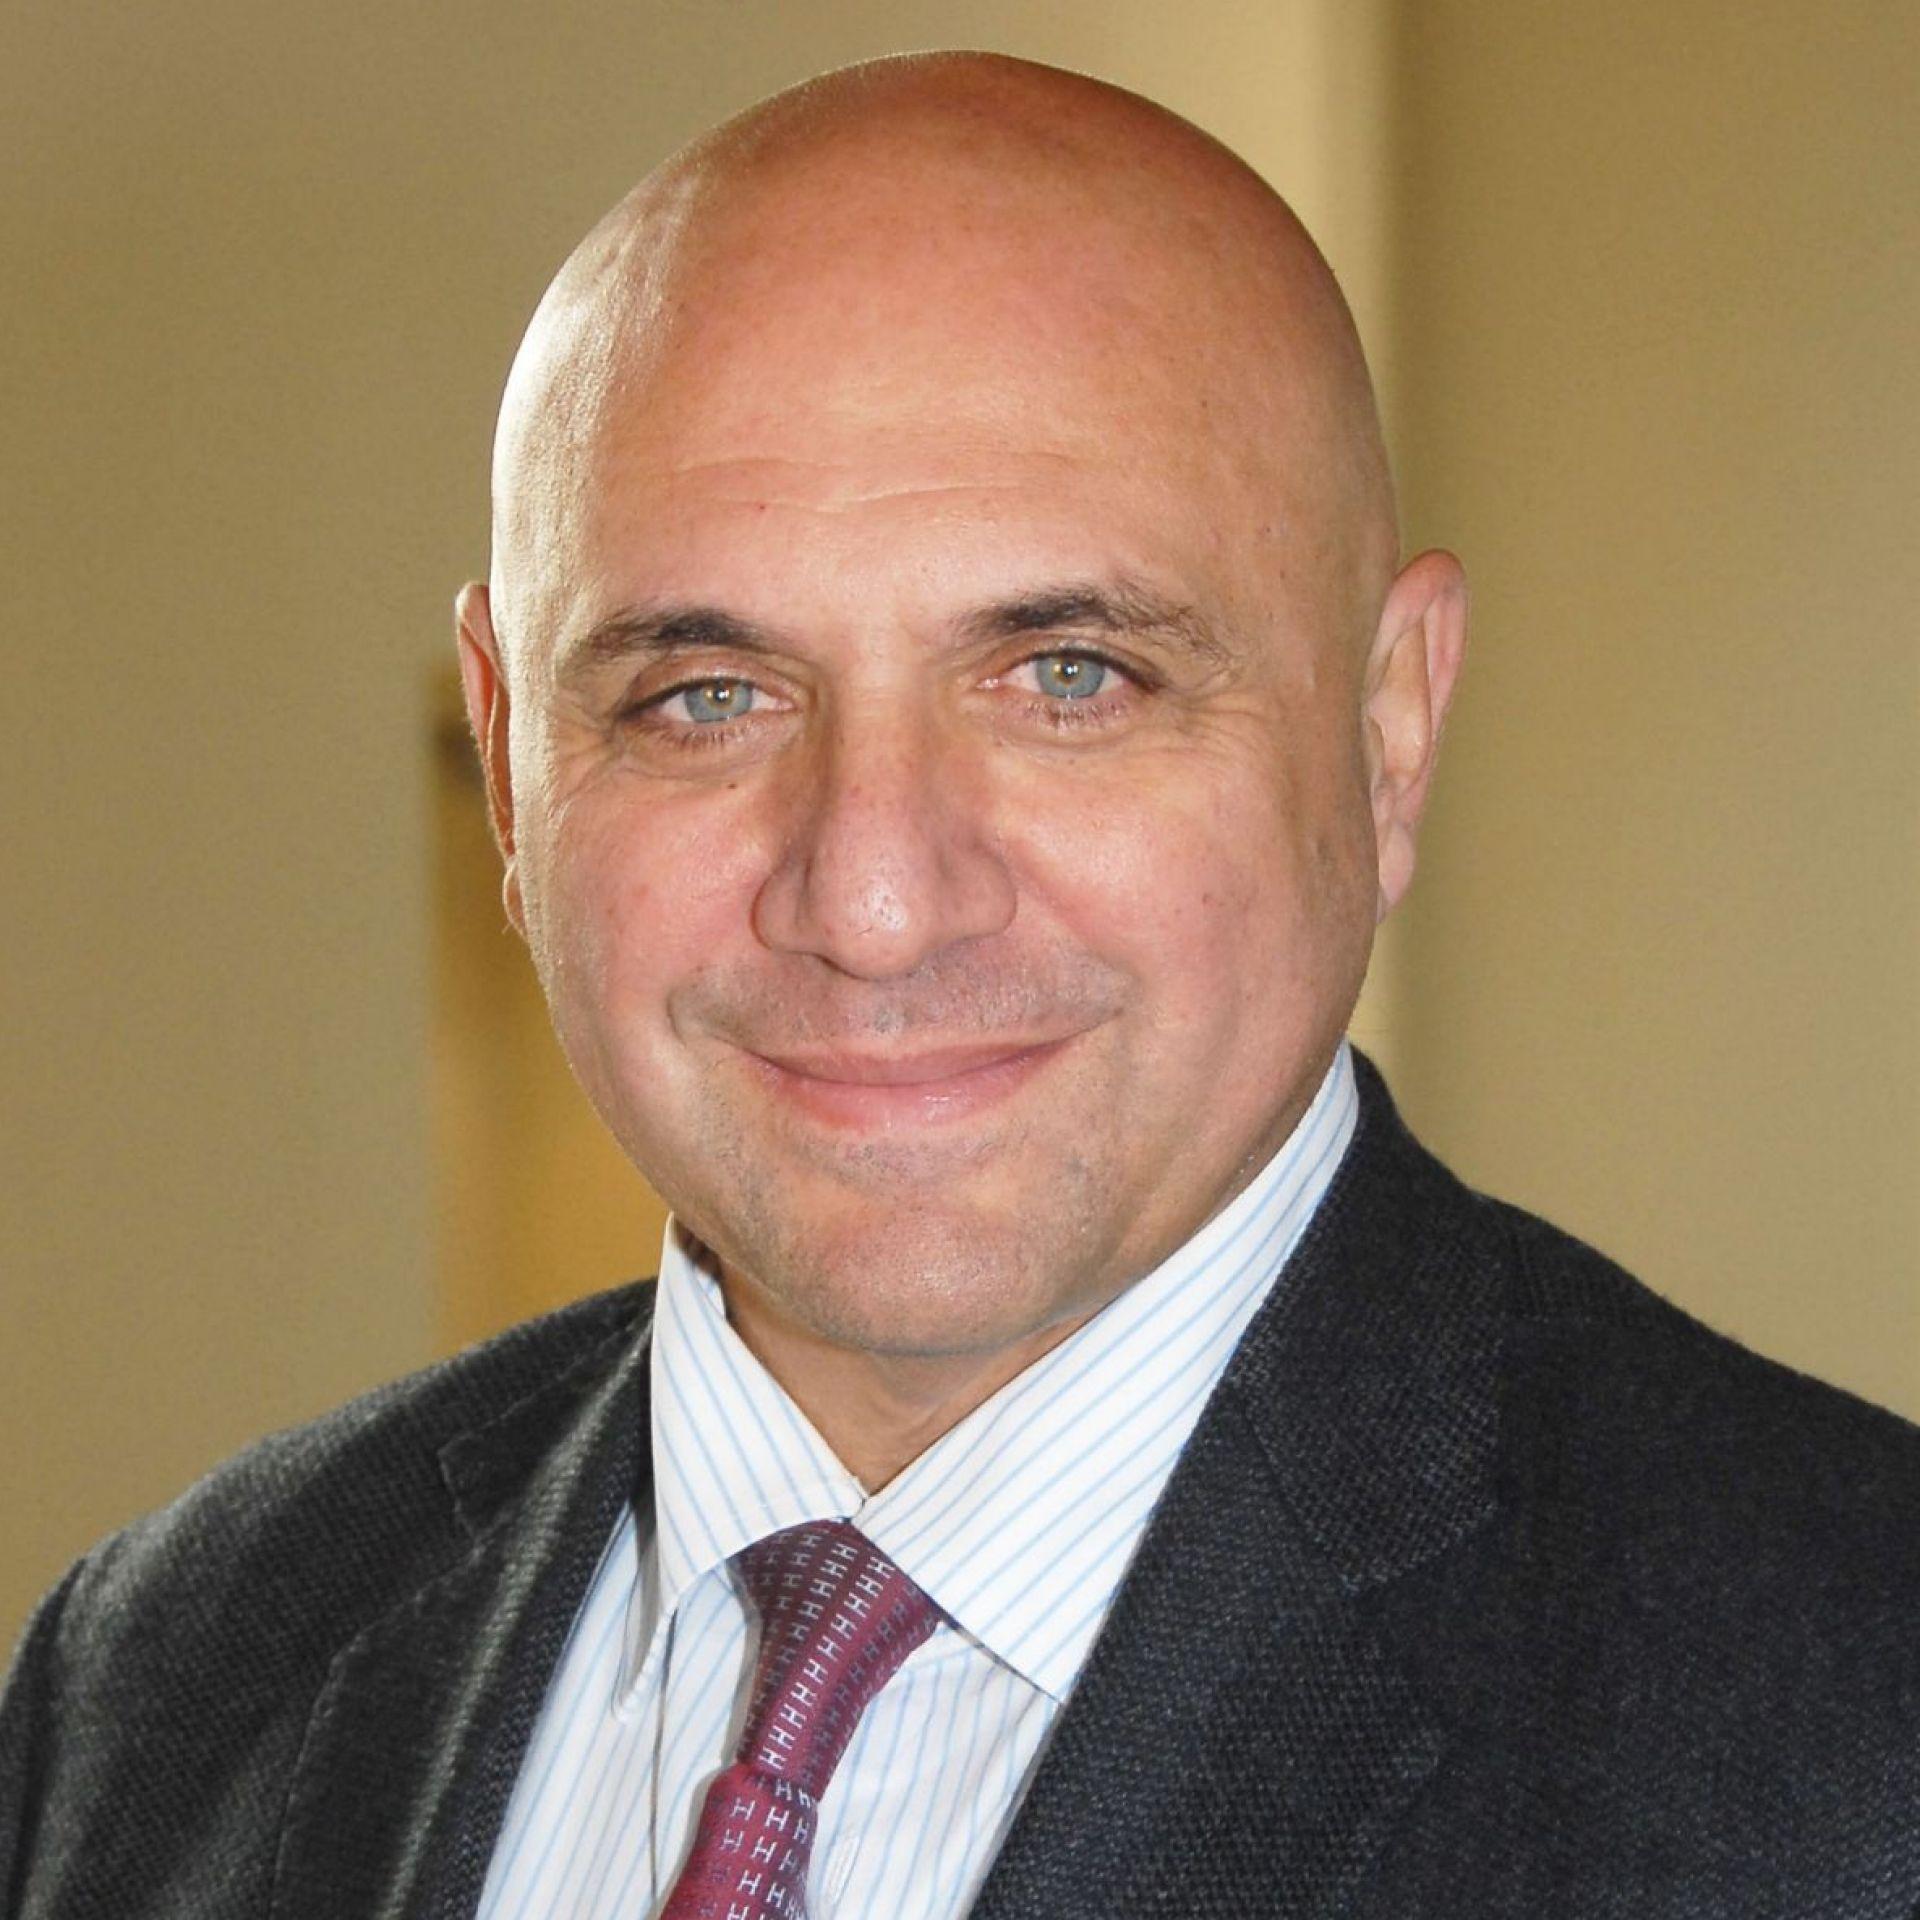 Antonio Felice Uricchio